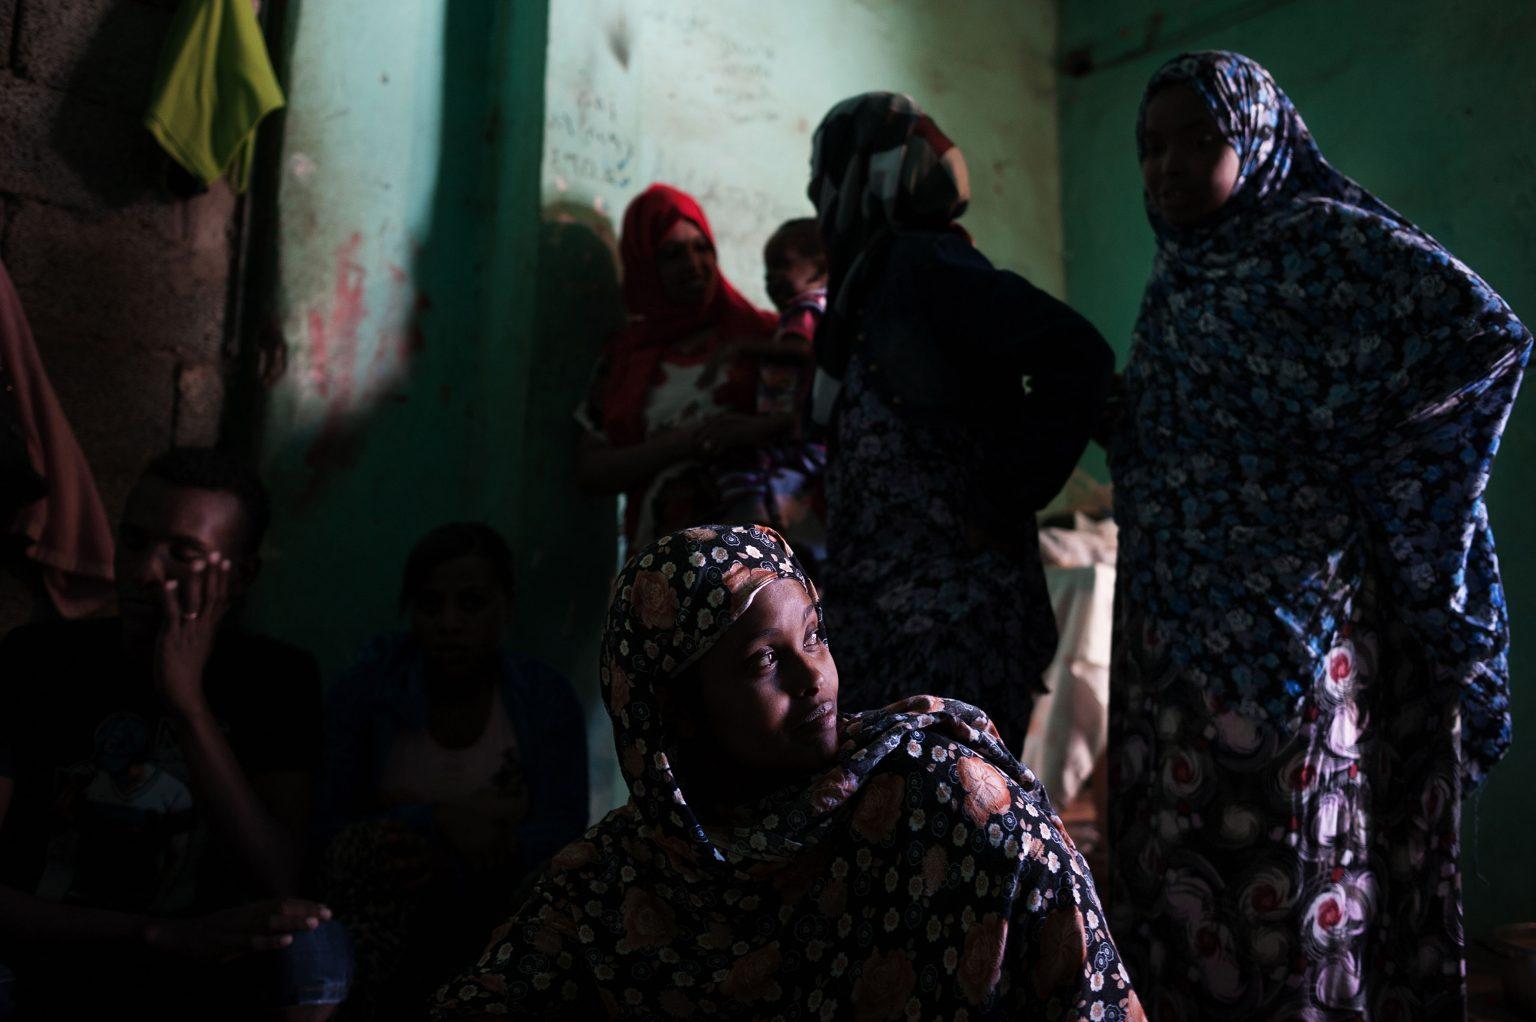 Tripoli, Libya, May 2014 - Abu Salim area, where many refugees from East africa live in poor conditions - Hajan, a Somali refugee, lives in a building with more than 50 people from Eritrea, Somalia and Sudan. Hajan arrived in Libya more than 9 months ago and is collecting money to try to take a boat to Italy. ----- Before boarding towards Europe, illegal migrants escaping from East Africa have to undertake the arduous crossing of the Sahara Desert, often facing torture, violence and unjust imprisonment.  ><  Tripoli, Libia, maggio 2014 - Zona di Abu Salim, dove molti profughi dell'Africa orientale vivono in condizioni di povertà - Hajan, profuga somala, vive in un edificio con più di 50 persone provenienti da Eritrea, Somalia e Sudan. Hajan è arrivata in Libia più di nove mesi fa e sta mettendo da parte i soldi per imbarcarsi per l'Italia. ----- Prima di imbarcarsi verso l'Europa, i migranti clandestini scappati dall'Africa Orientale devono  attraversare il Deserto del Sahara, affrontando spesso torture, violenza e ingiusti imprigionamenti.  *** Local Caption *** 00535787